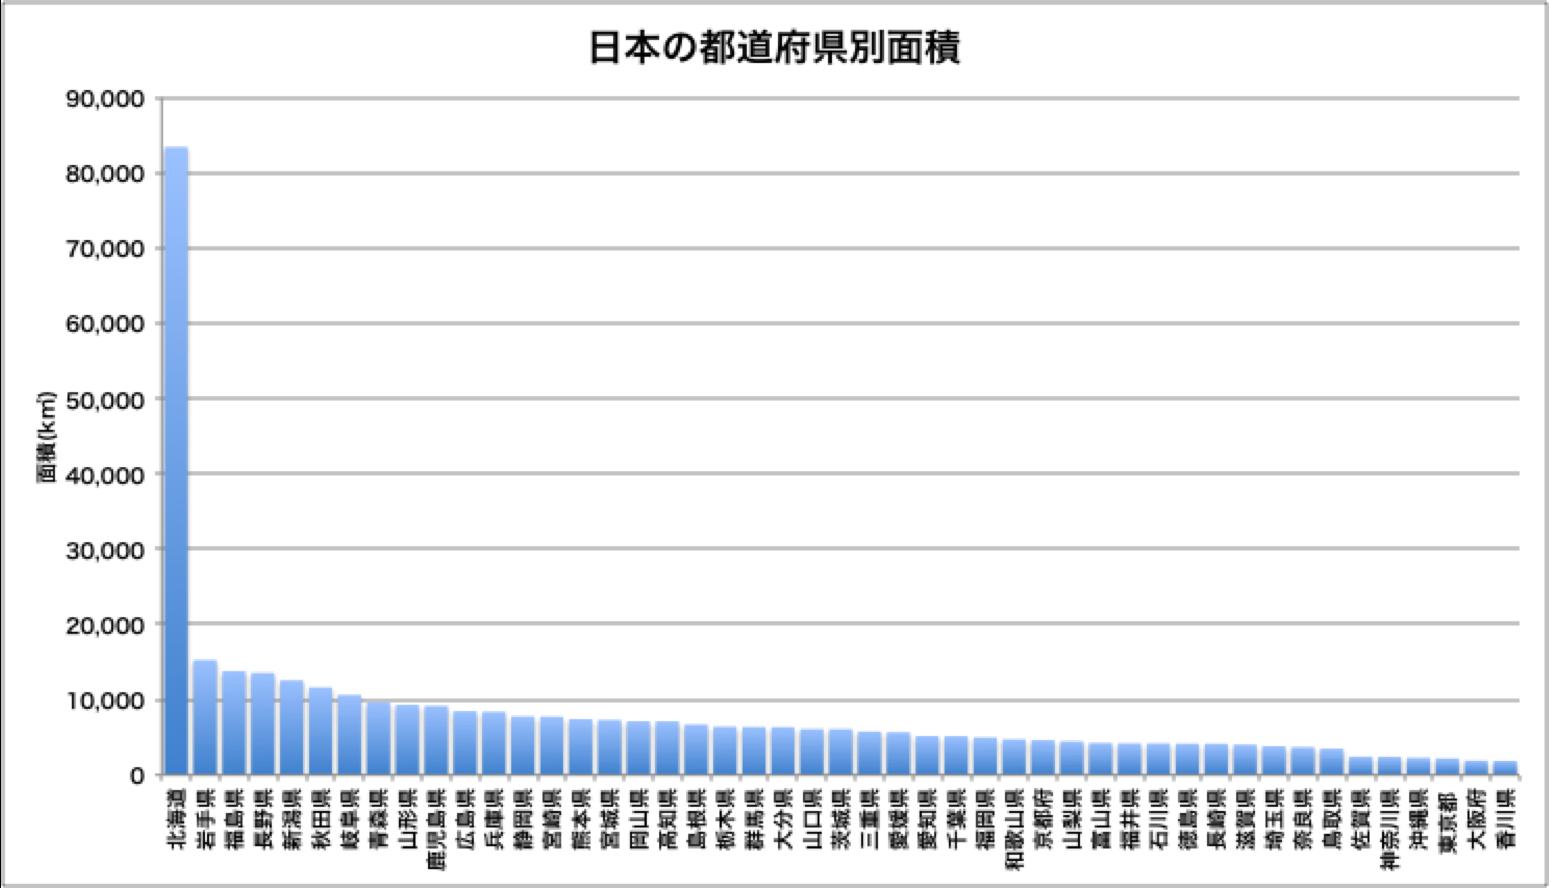 道府県 面積 都 日本